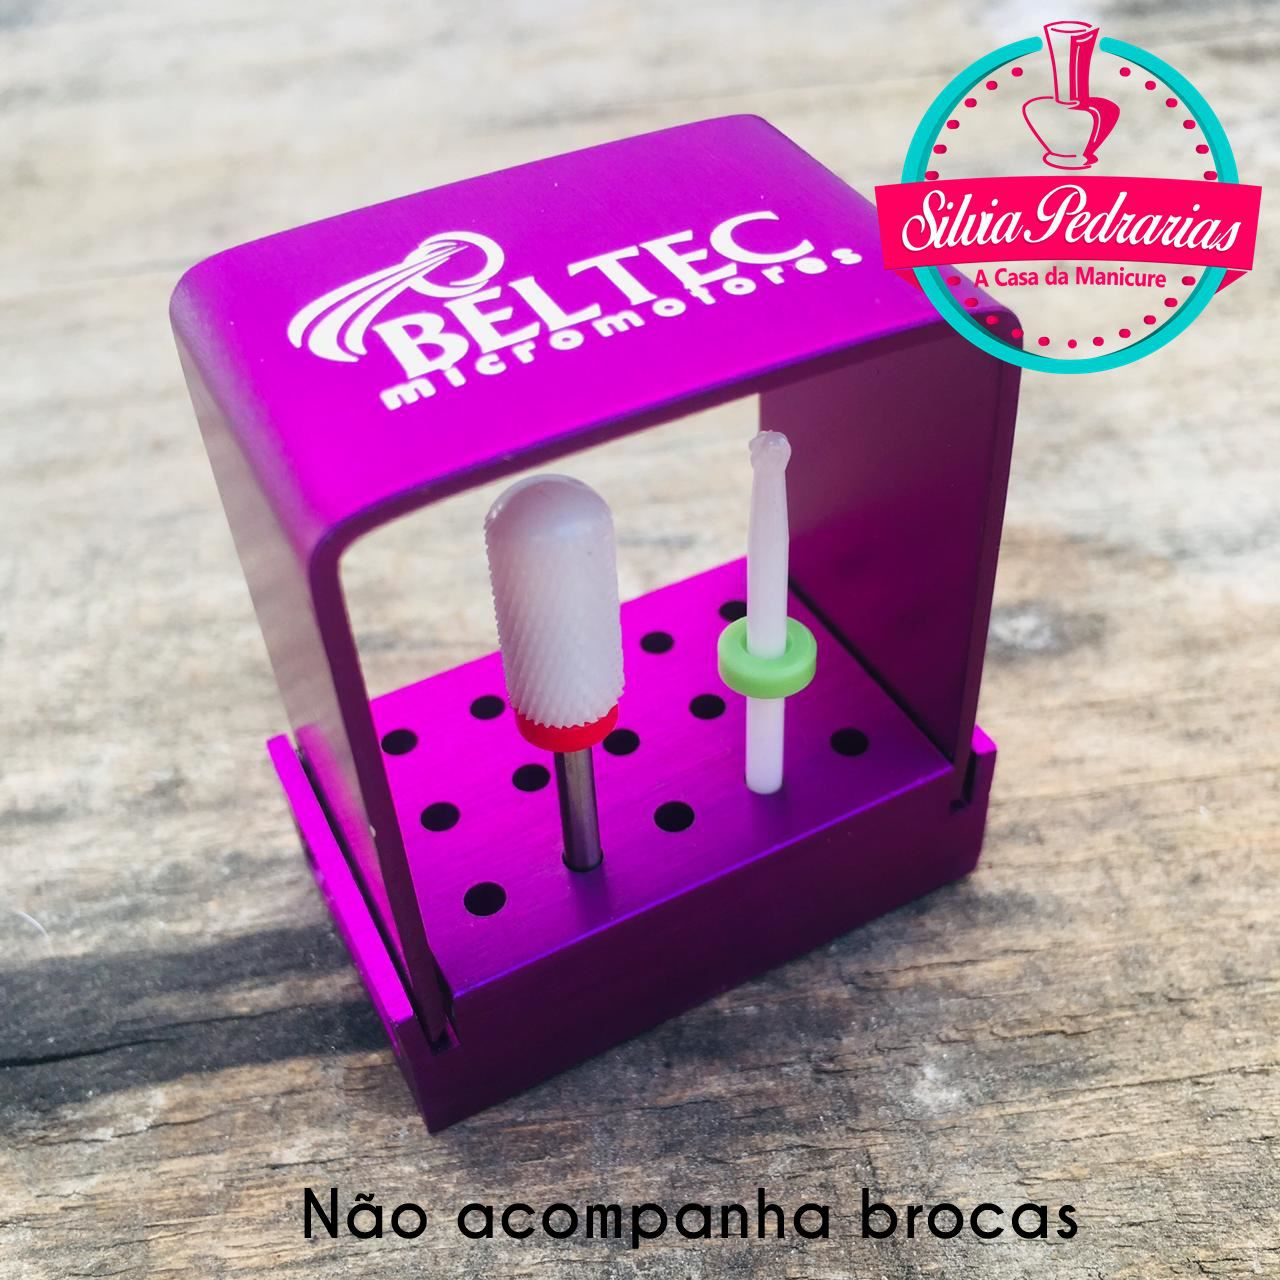 Porta brocas broqueiro BELTEC  - Sílvia Pedrarias & Cia